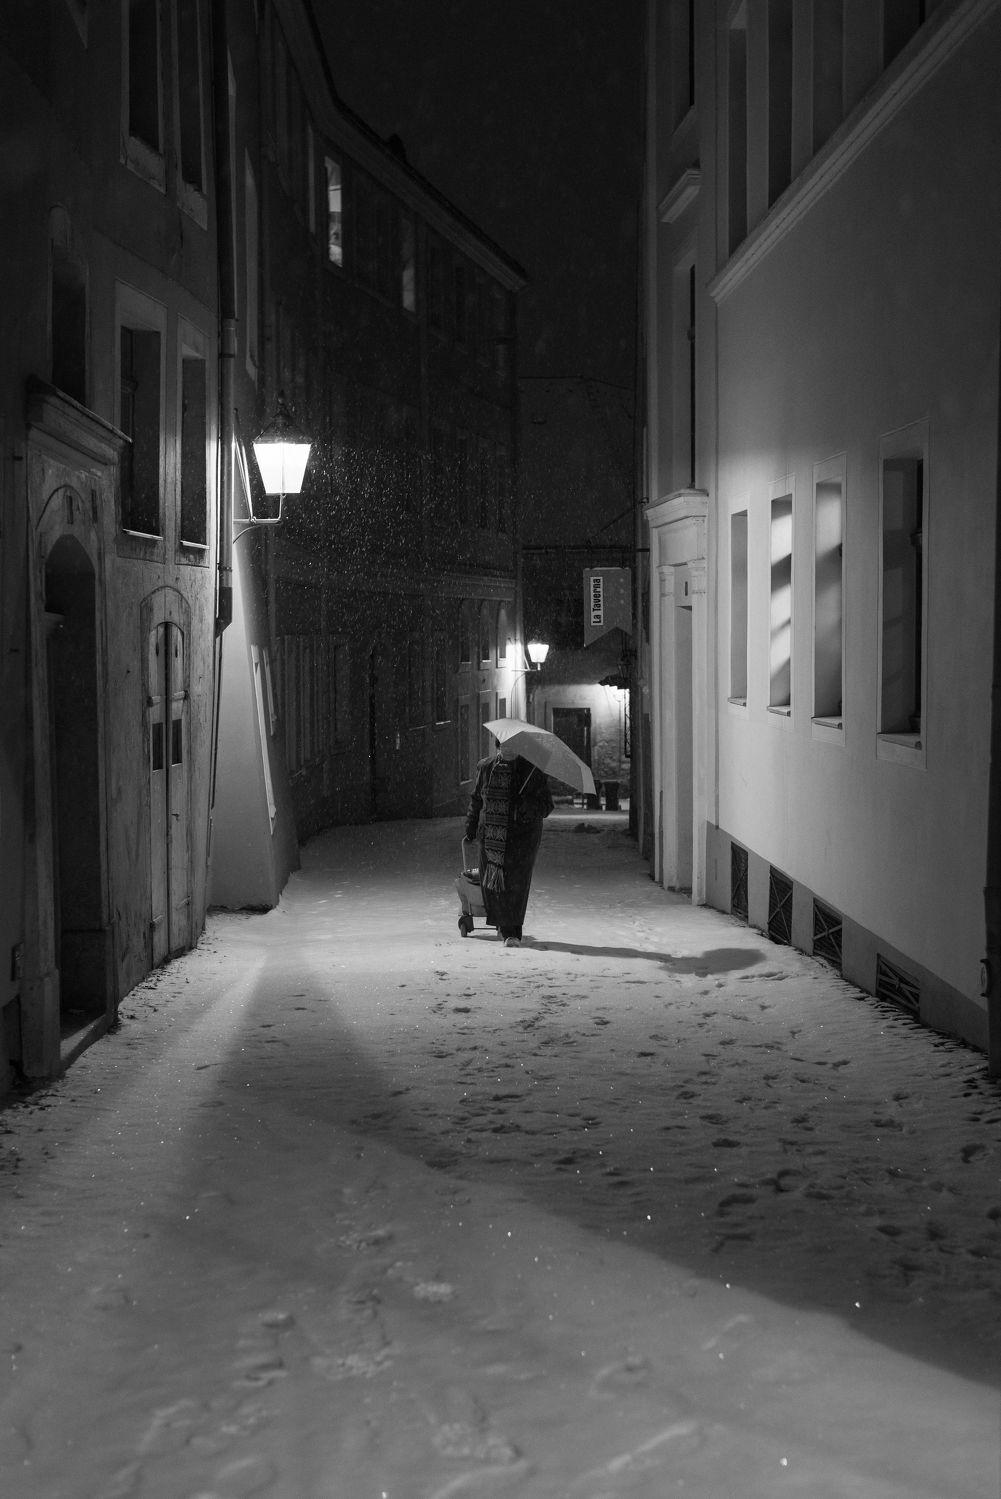 Bild mit Winter, Schnee, Görlitz, Nacht, schwarz weiß, Laterne, Gassen, Görlitzer Altstadt